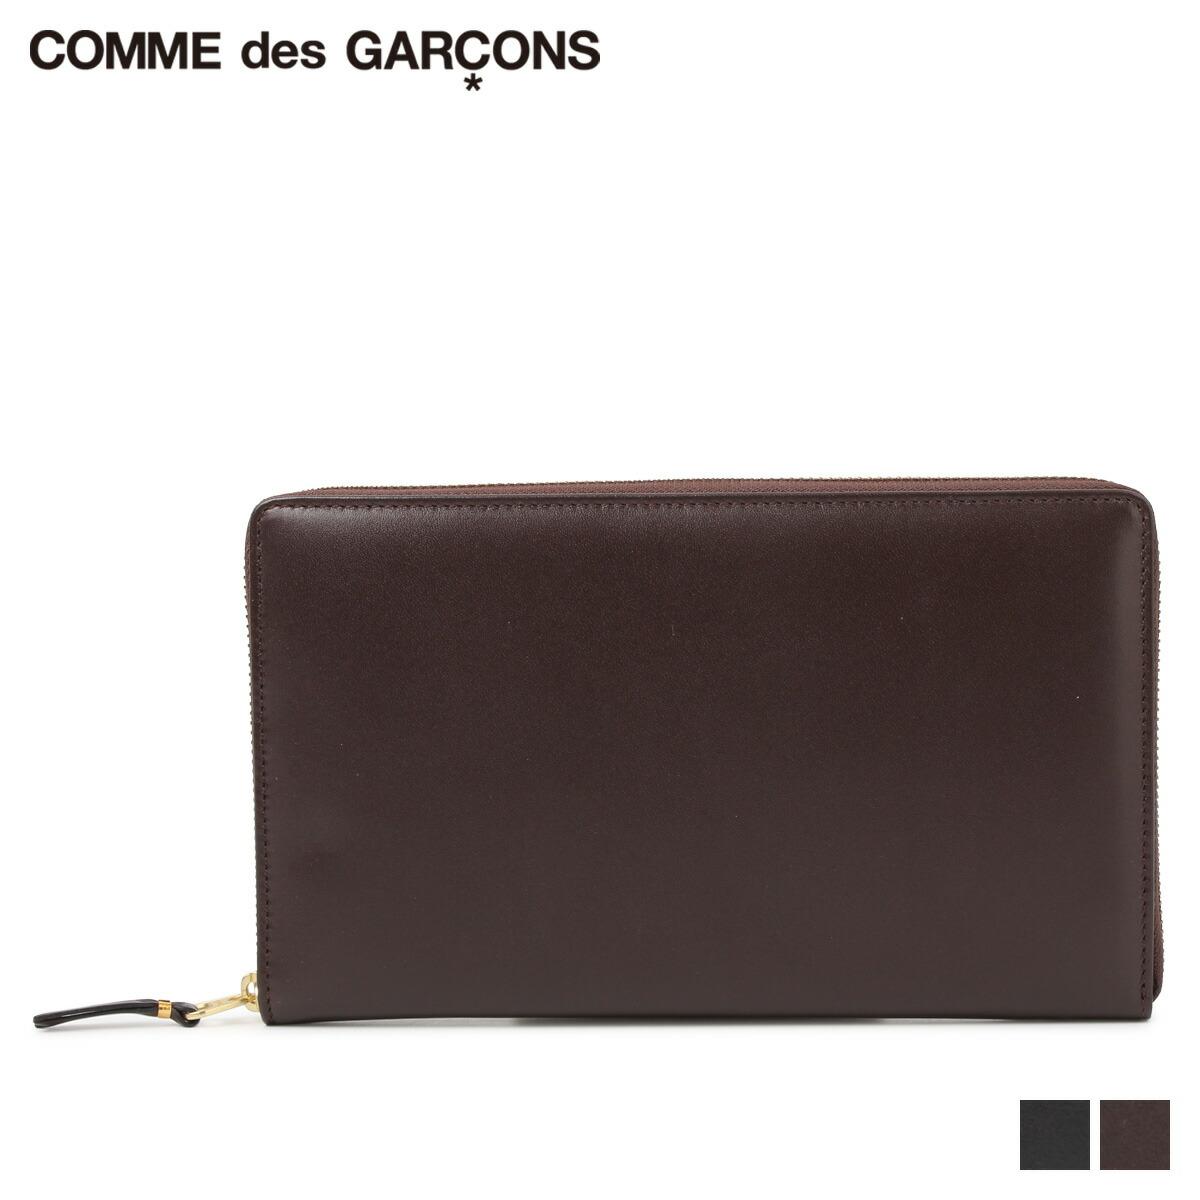 COMME des GARCONS コムデギャルソン 財布 長財布 メンズ レディース ラウンドファスナー NEW CLASSIC ブラック ブラウン 黒 SA0200